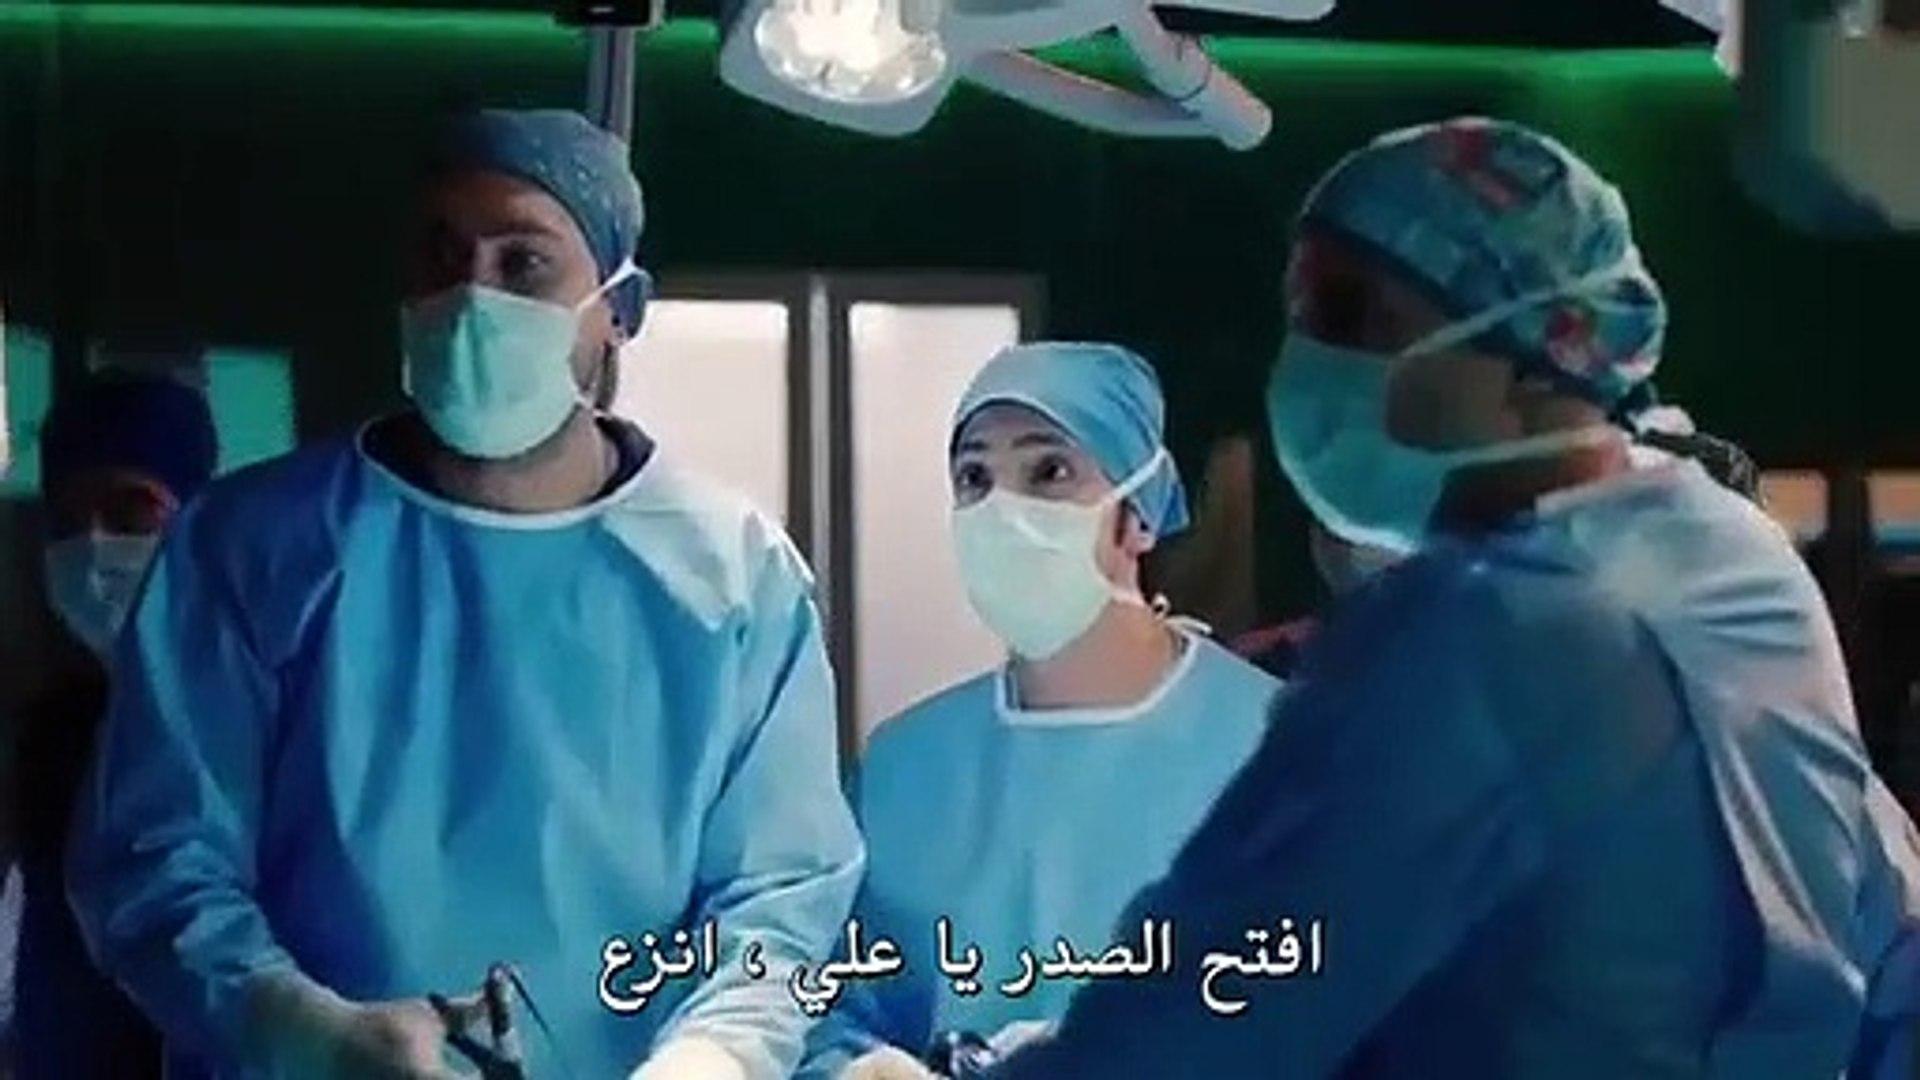 مسلسل الطبيب المعجزة الحلقة 17 مترجم موقع قصة عشق